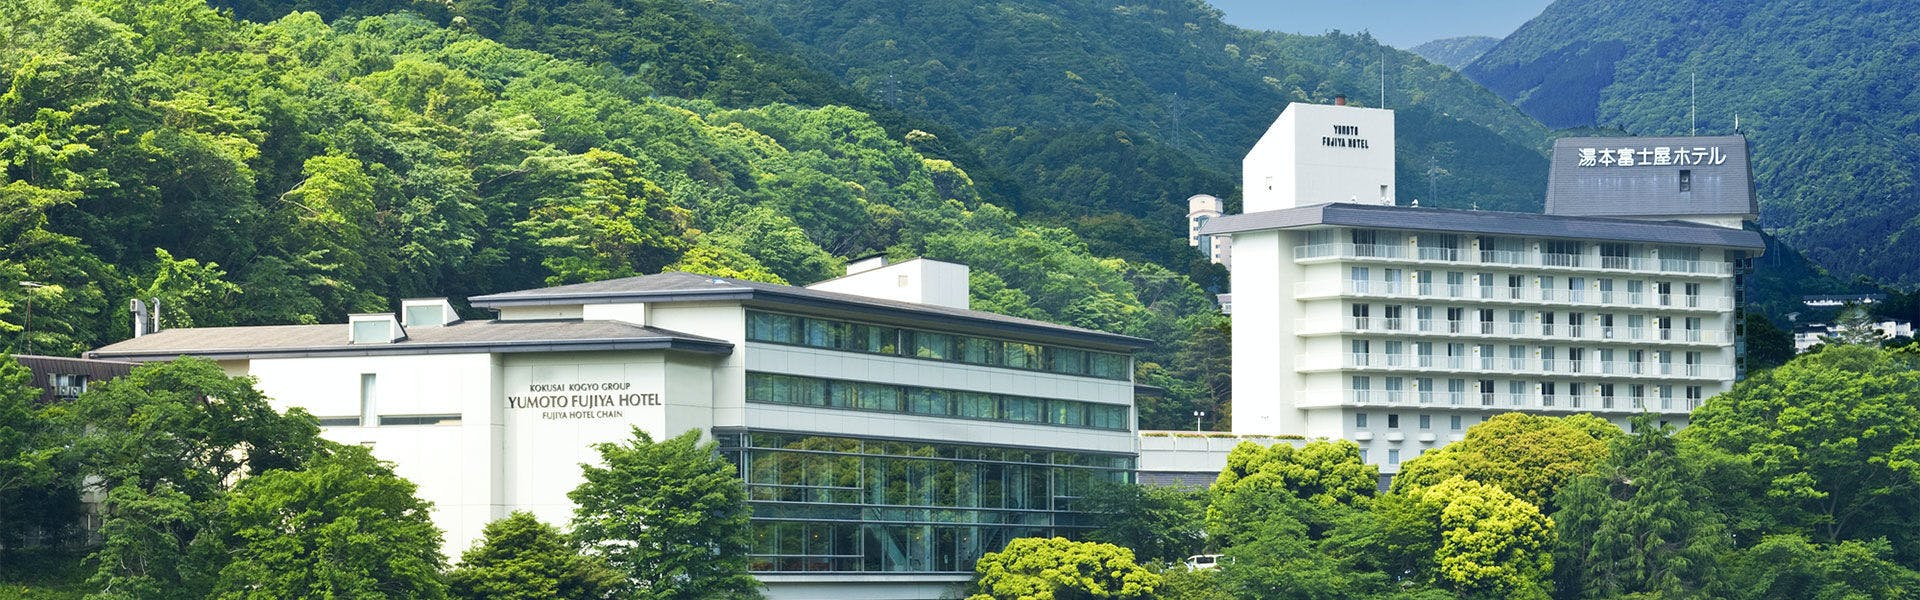 記念日におすすめのホテル・【湯本富士屋ホテル】の写真1